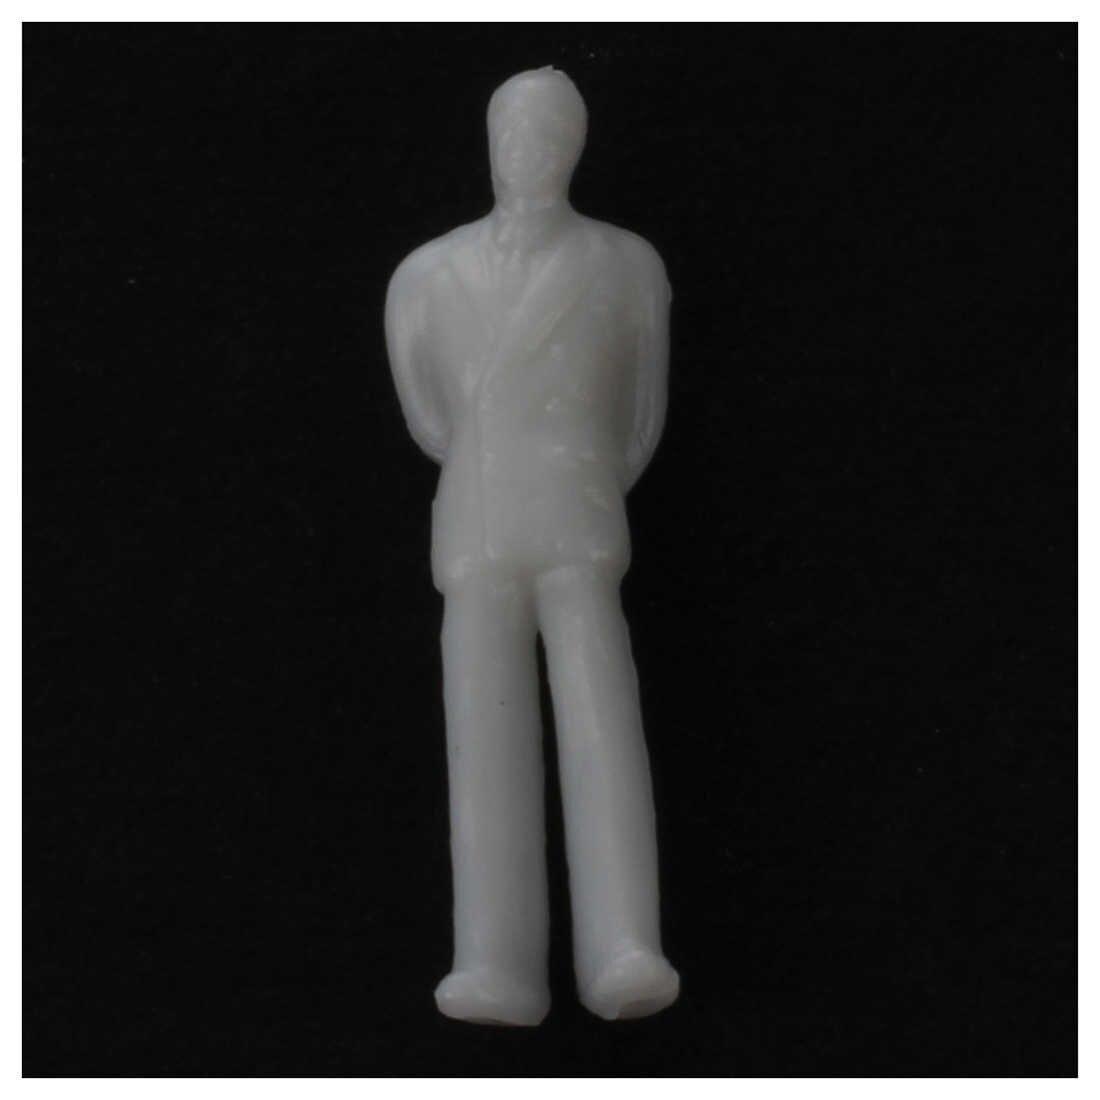 100Pcs Model Train People Figures Scale HO TT (1 to 100) -Light Grey